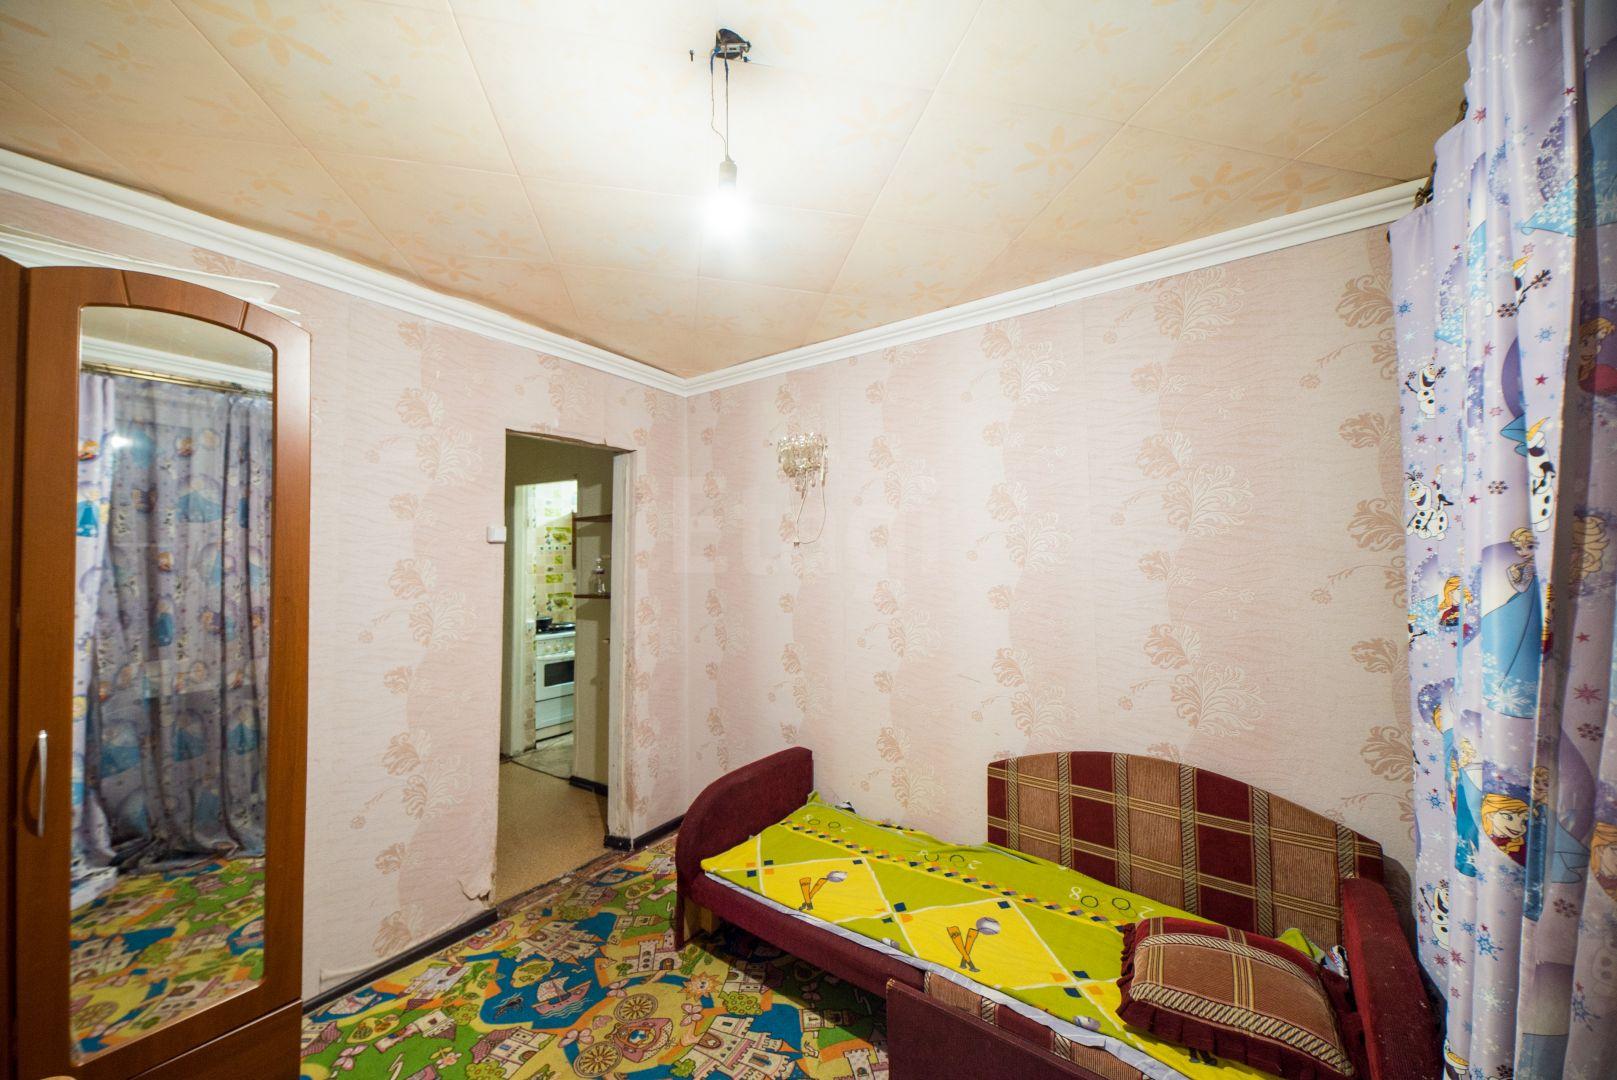 Продается двухкомнатная квартира за 1 600 000 рублей. Железнодорожный, ул. Проспект 60-летия Октября, д. 1а.